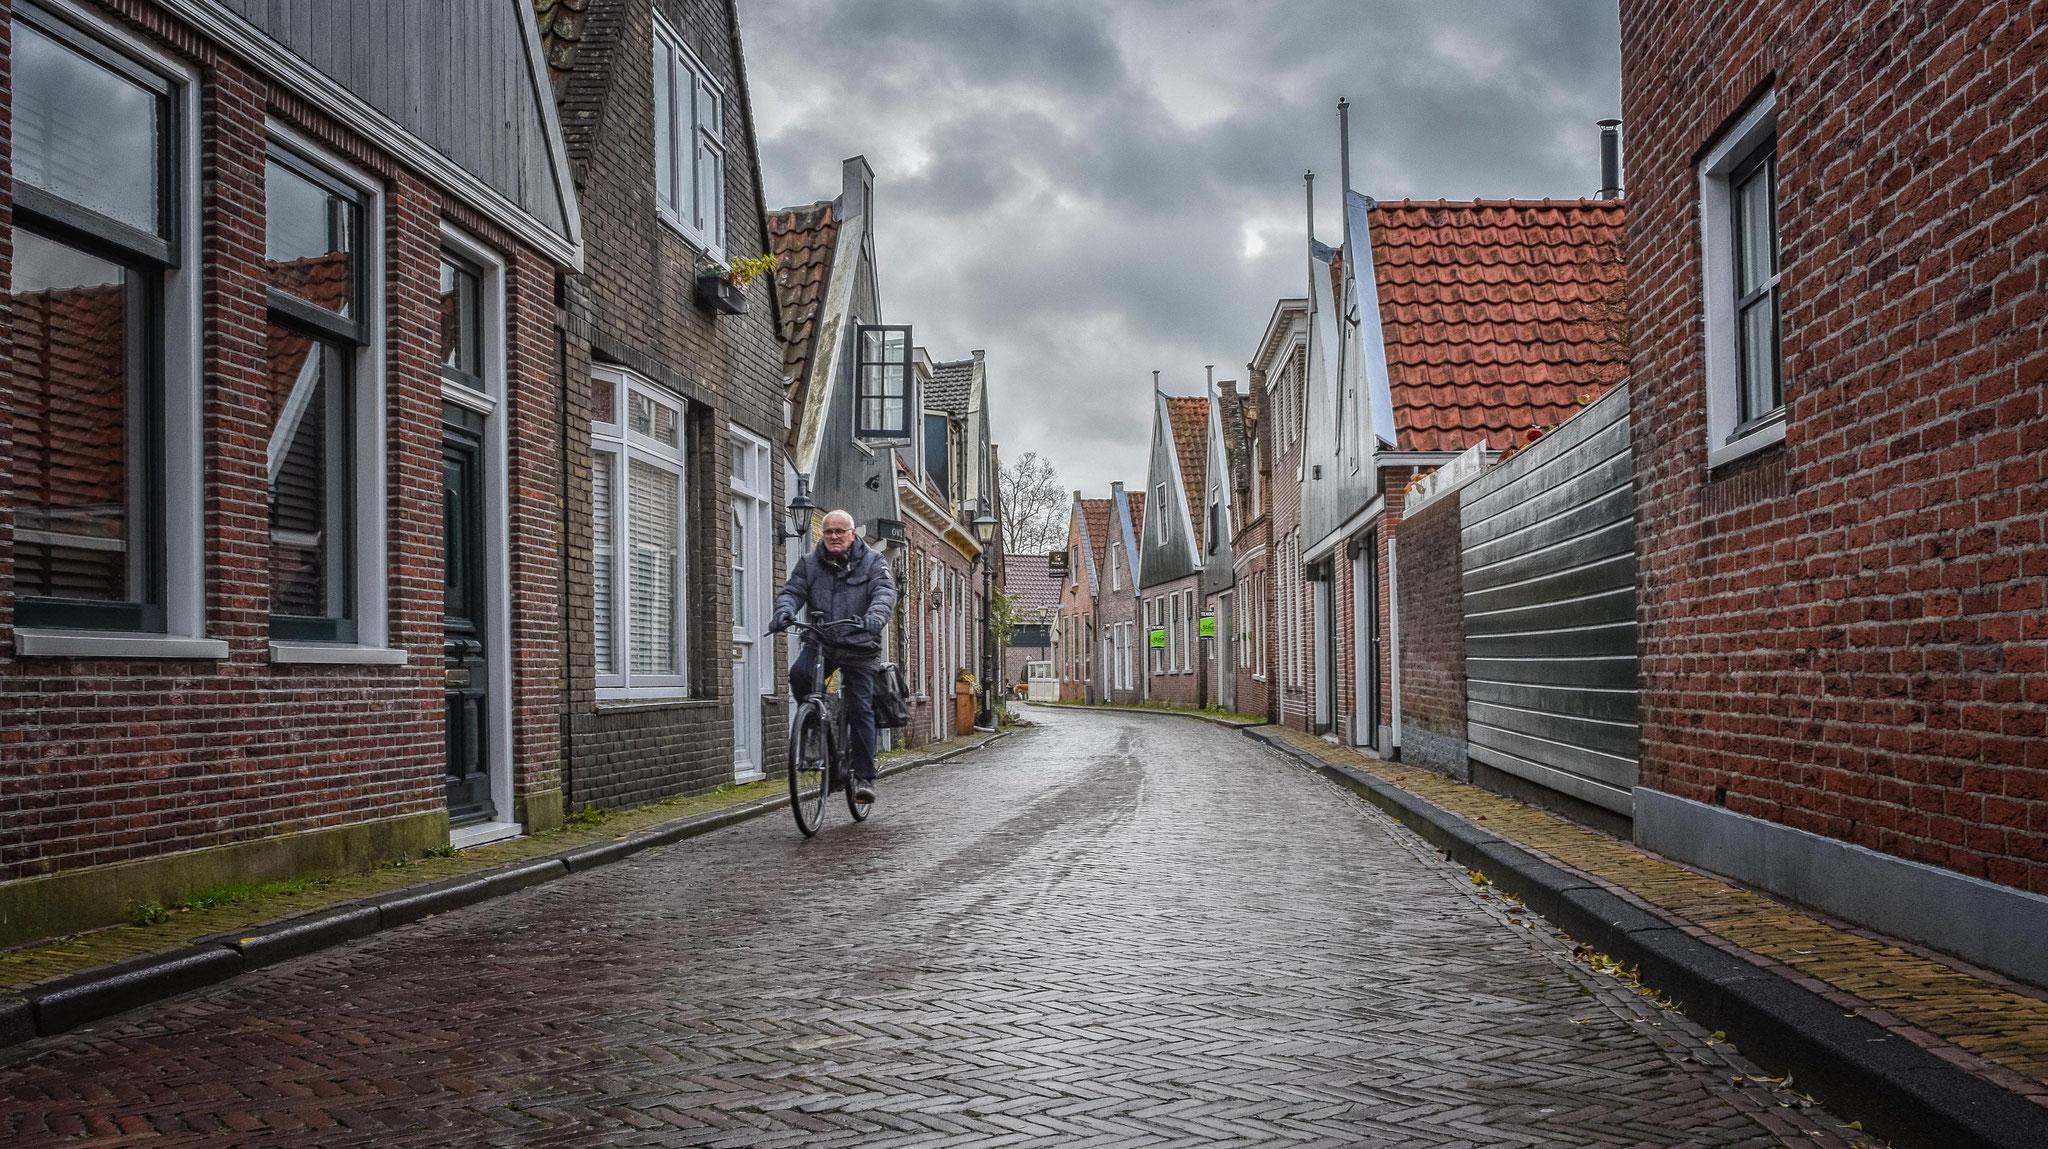 067-Ahmed Mohamed HASSAN EFIAPs (Alexandria-EG)- Amsterdam (NL) 02